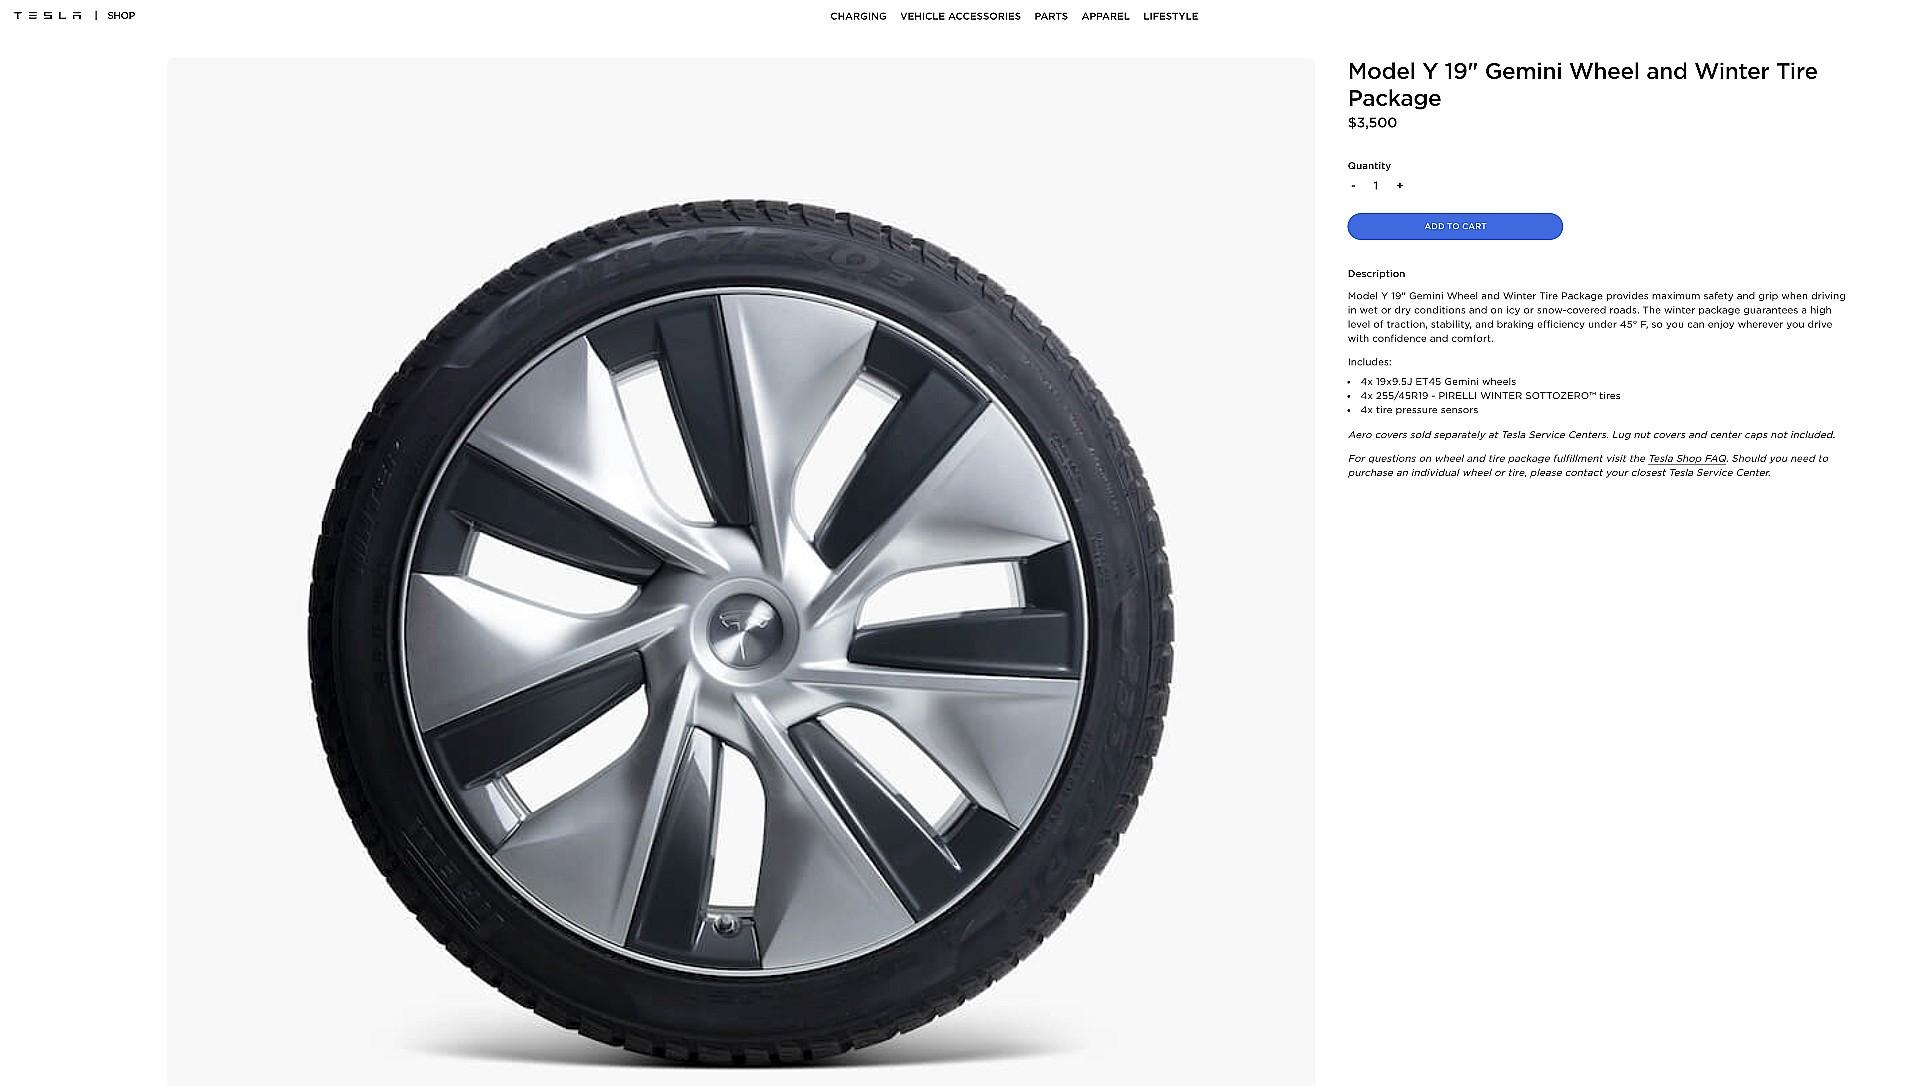 tesla-model-y-gemini-wheel-winter-tire-package